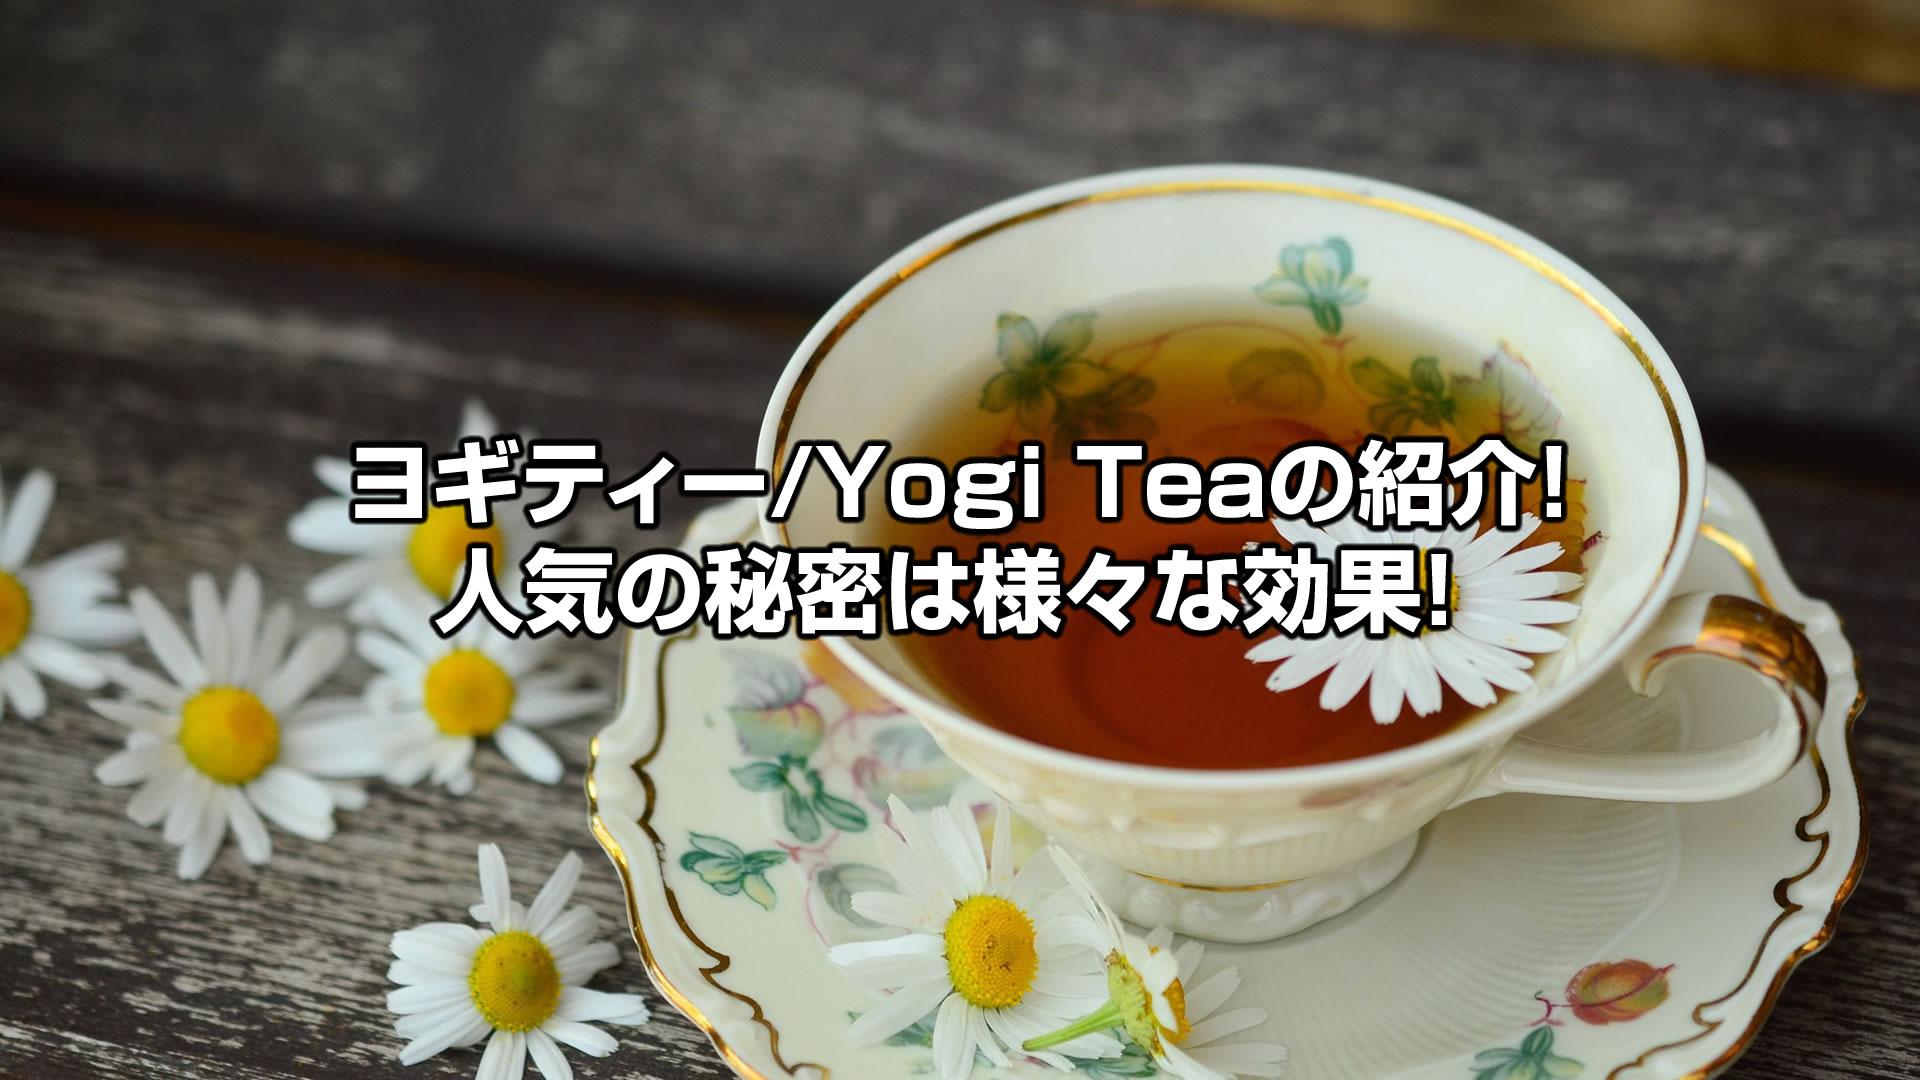 おすすめヨギティー/Yogi Tea!iHerbでも人気の秘密は様々な効果!